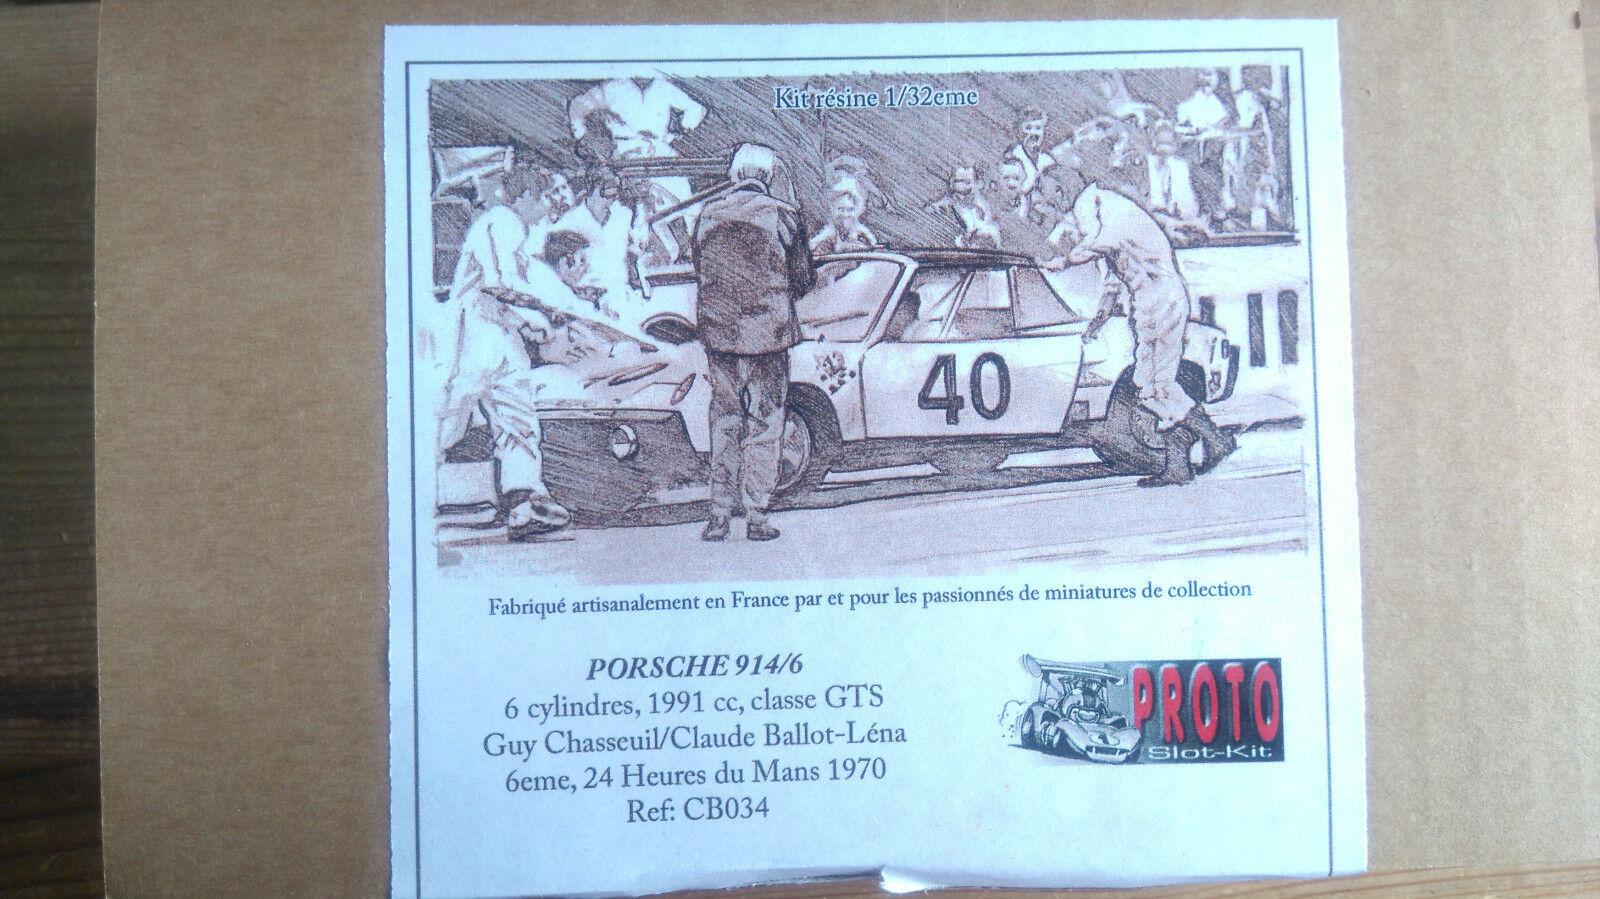 Proto Slot Kit-Porsche 914/6 (Inc RouleHommes t) - - - Le Femmes 1970 - 1:32 - New cea316